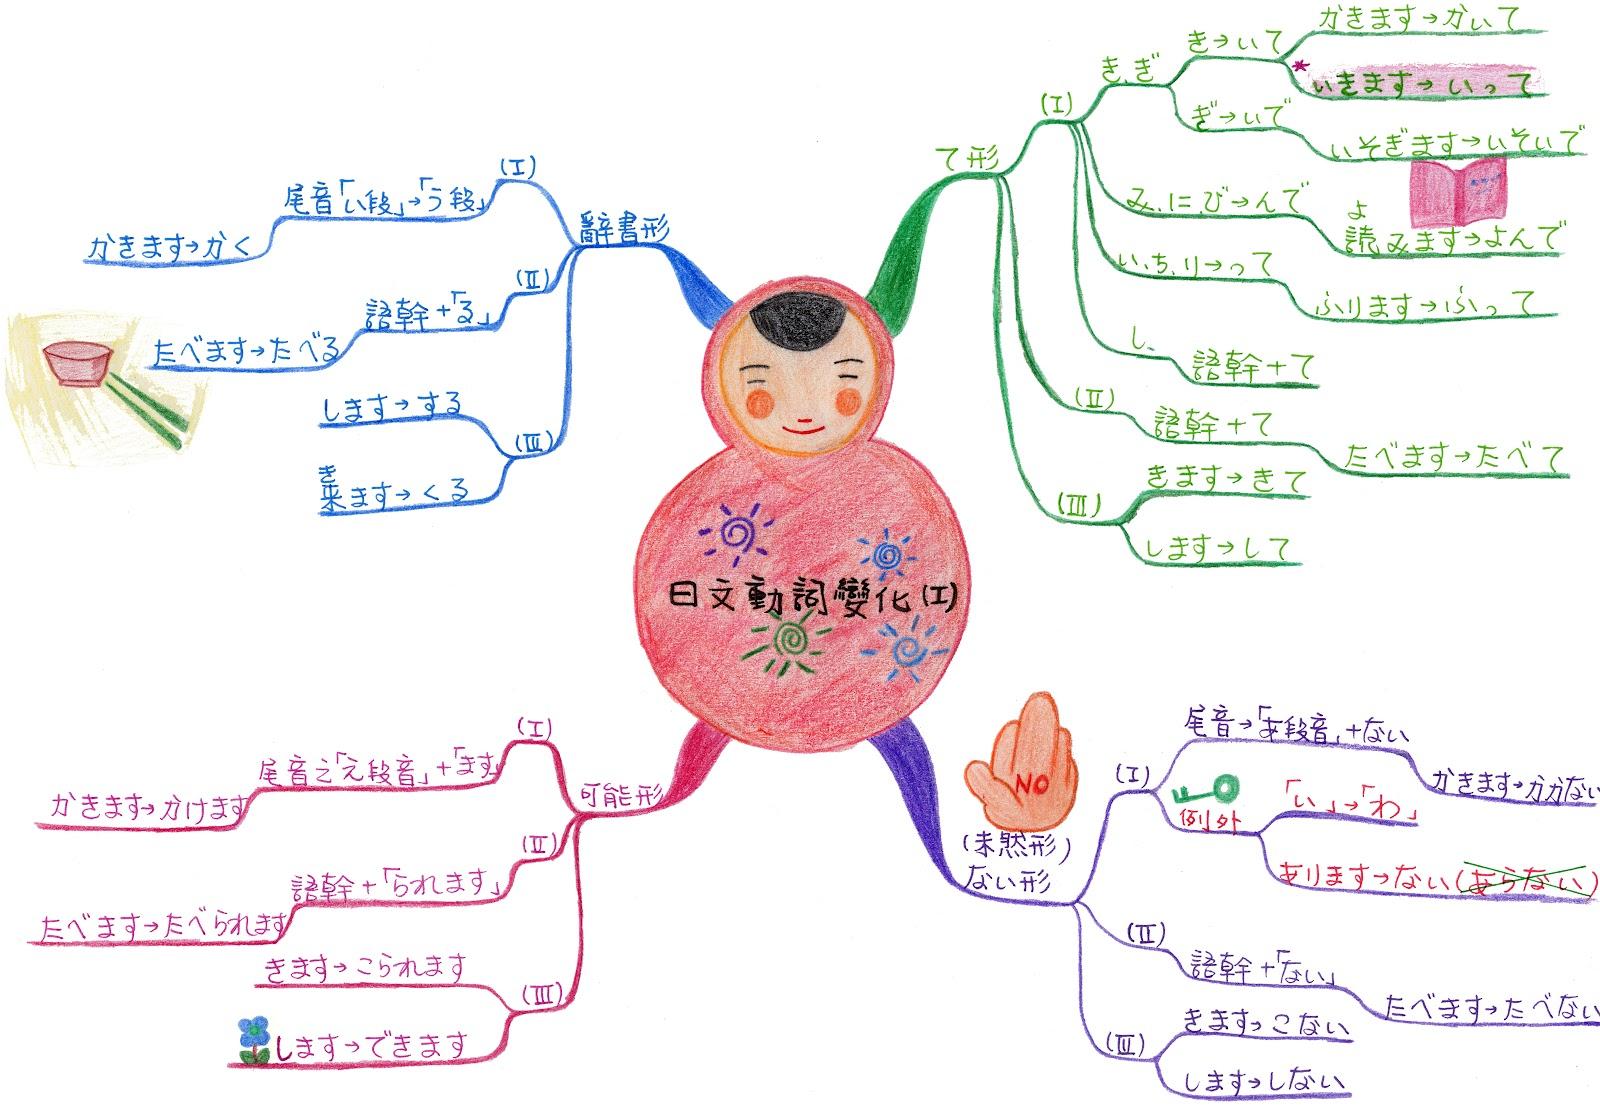 心智圖範例~日文文法電子書 @ 尹莉碎碎唸 :: 痞客邦